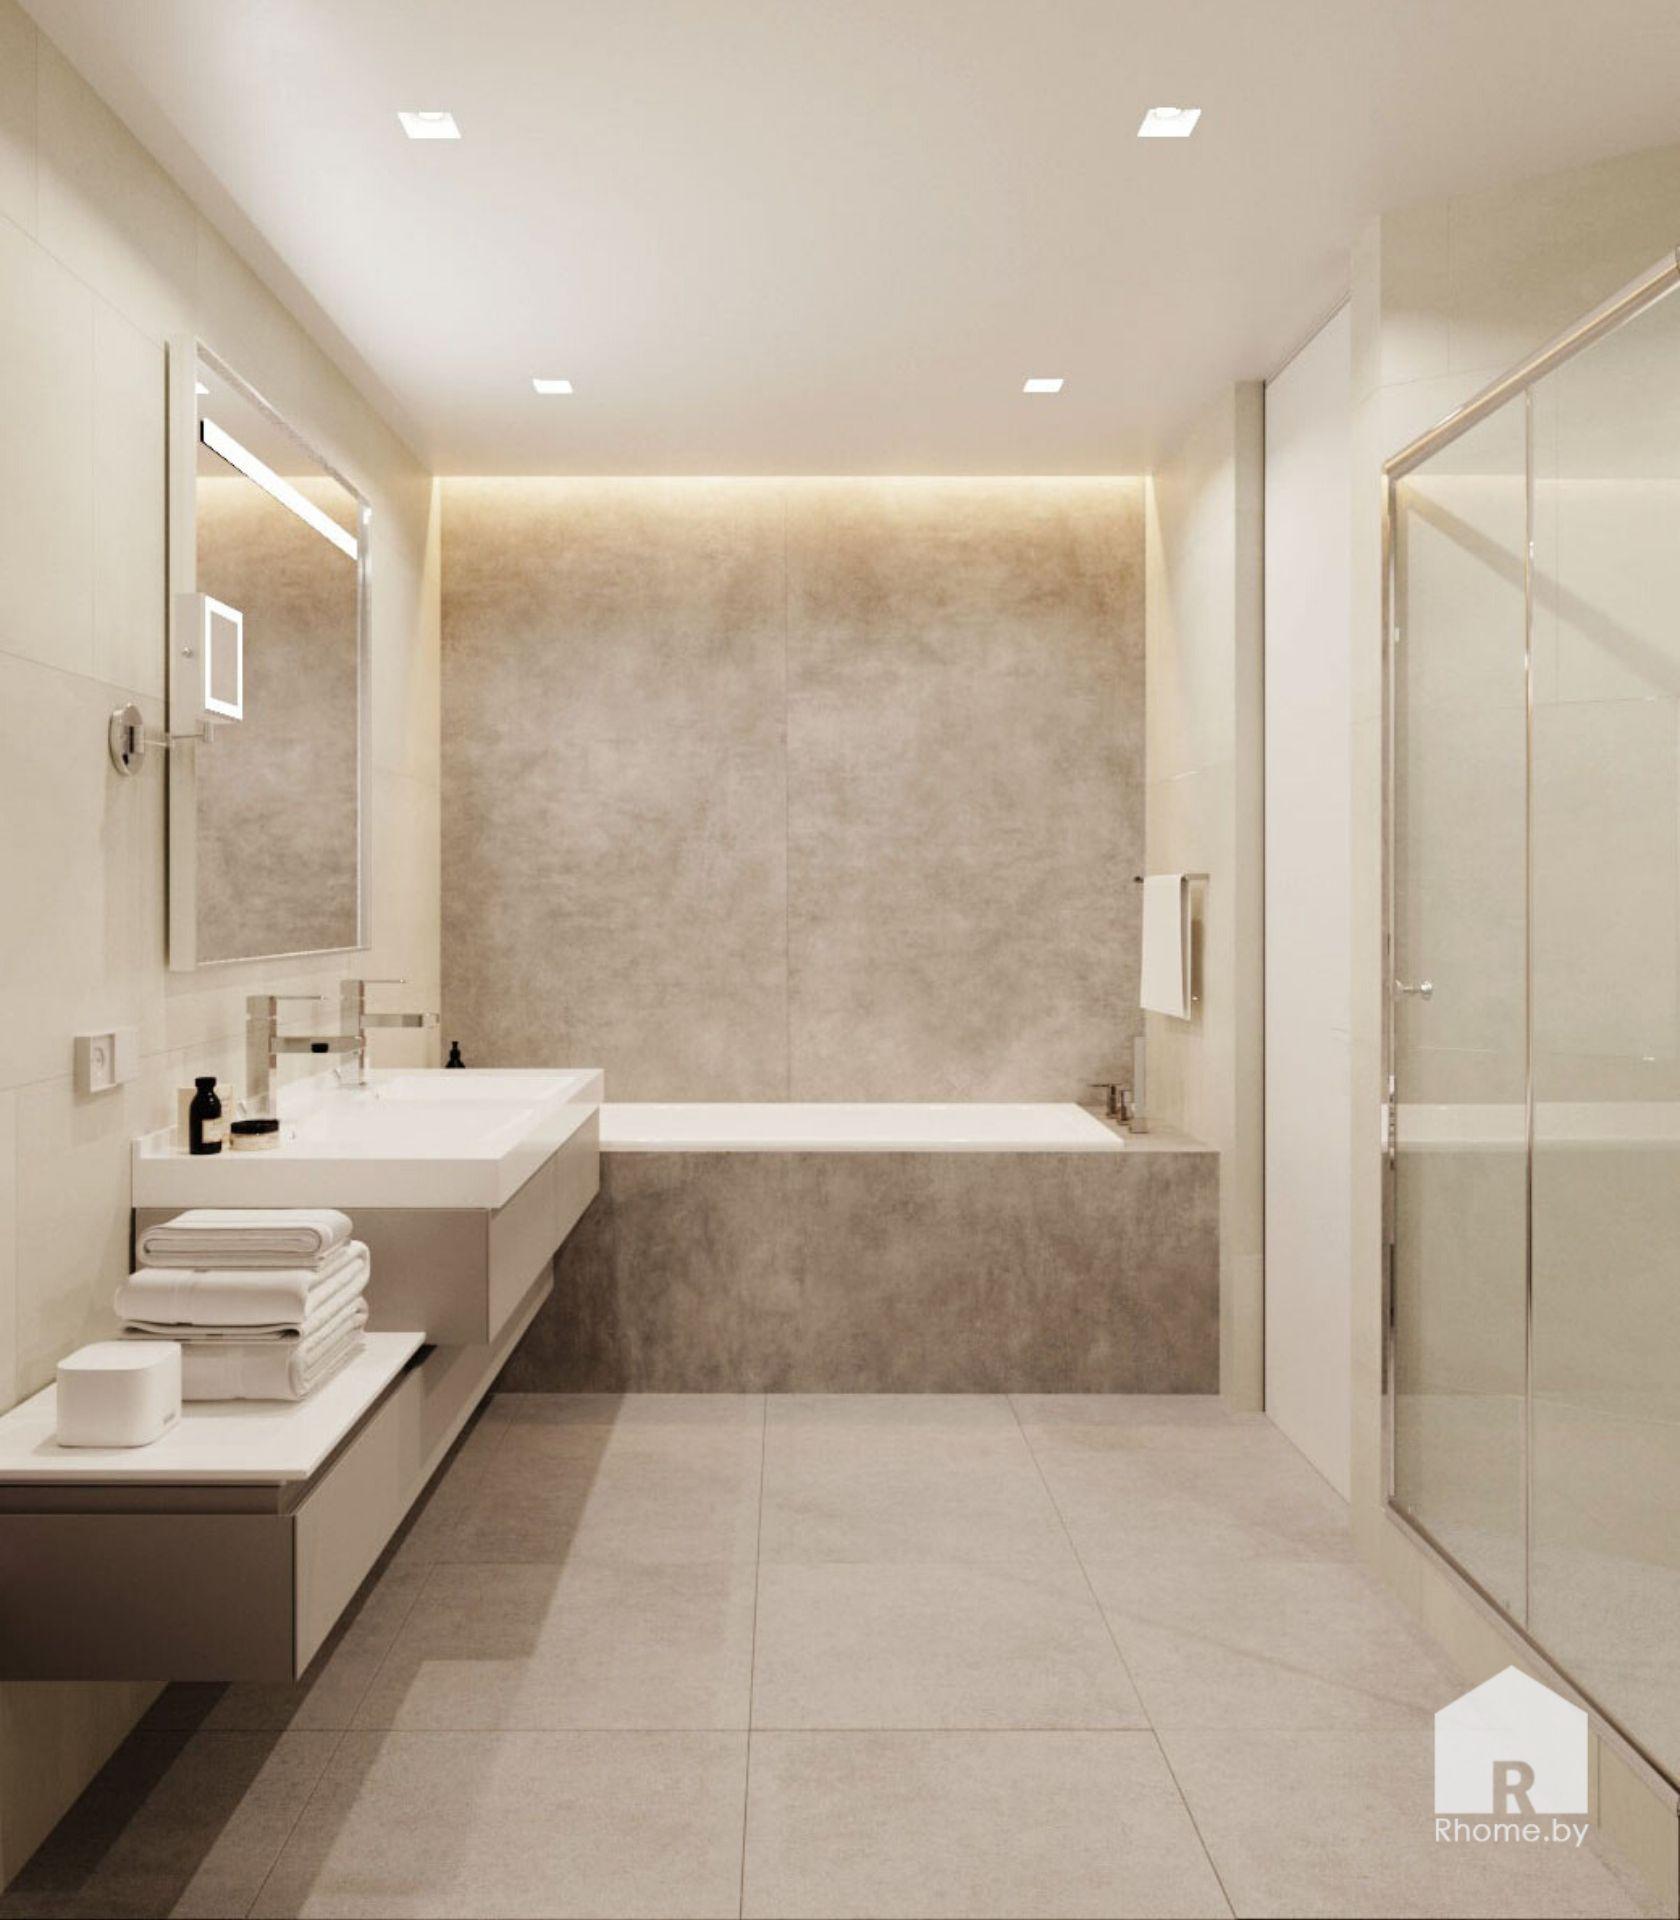 Ванная комната облицованная плиткой под камень